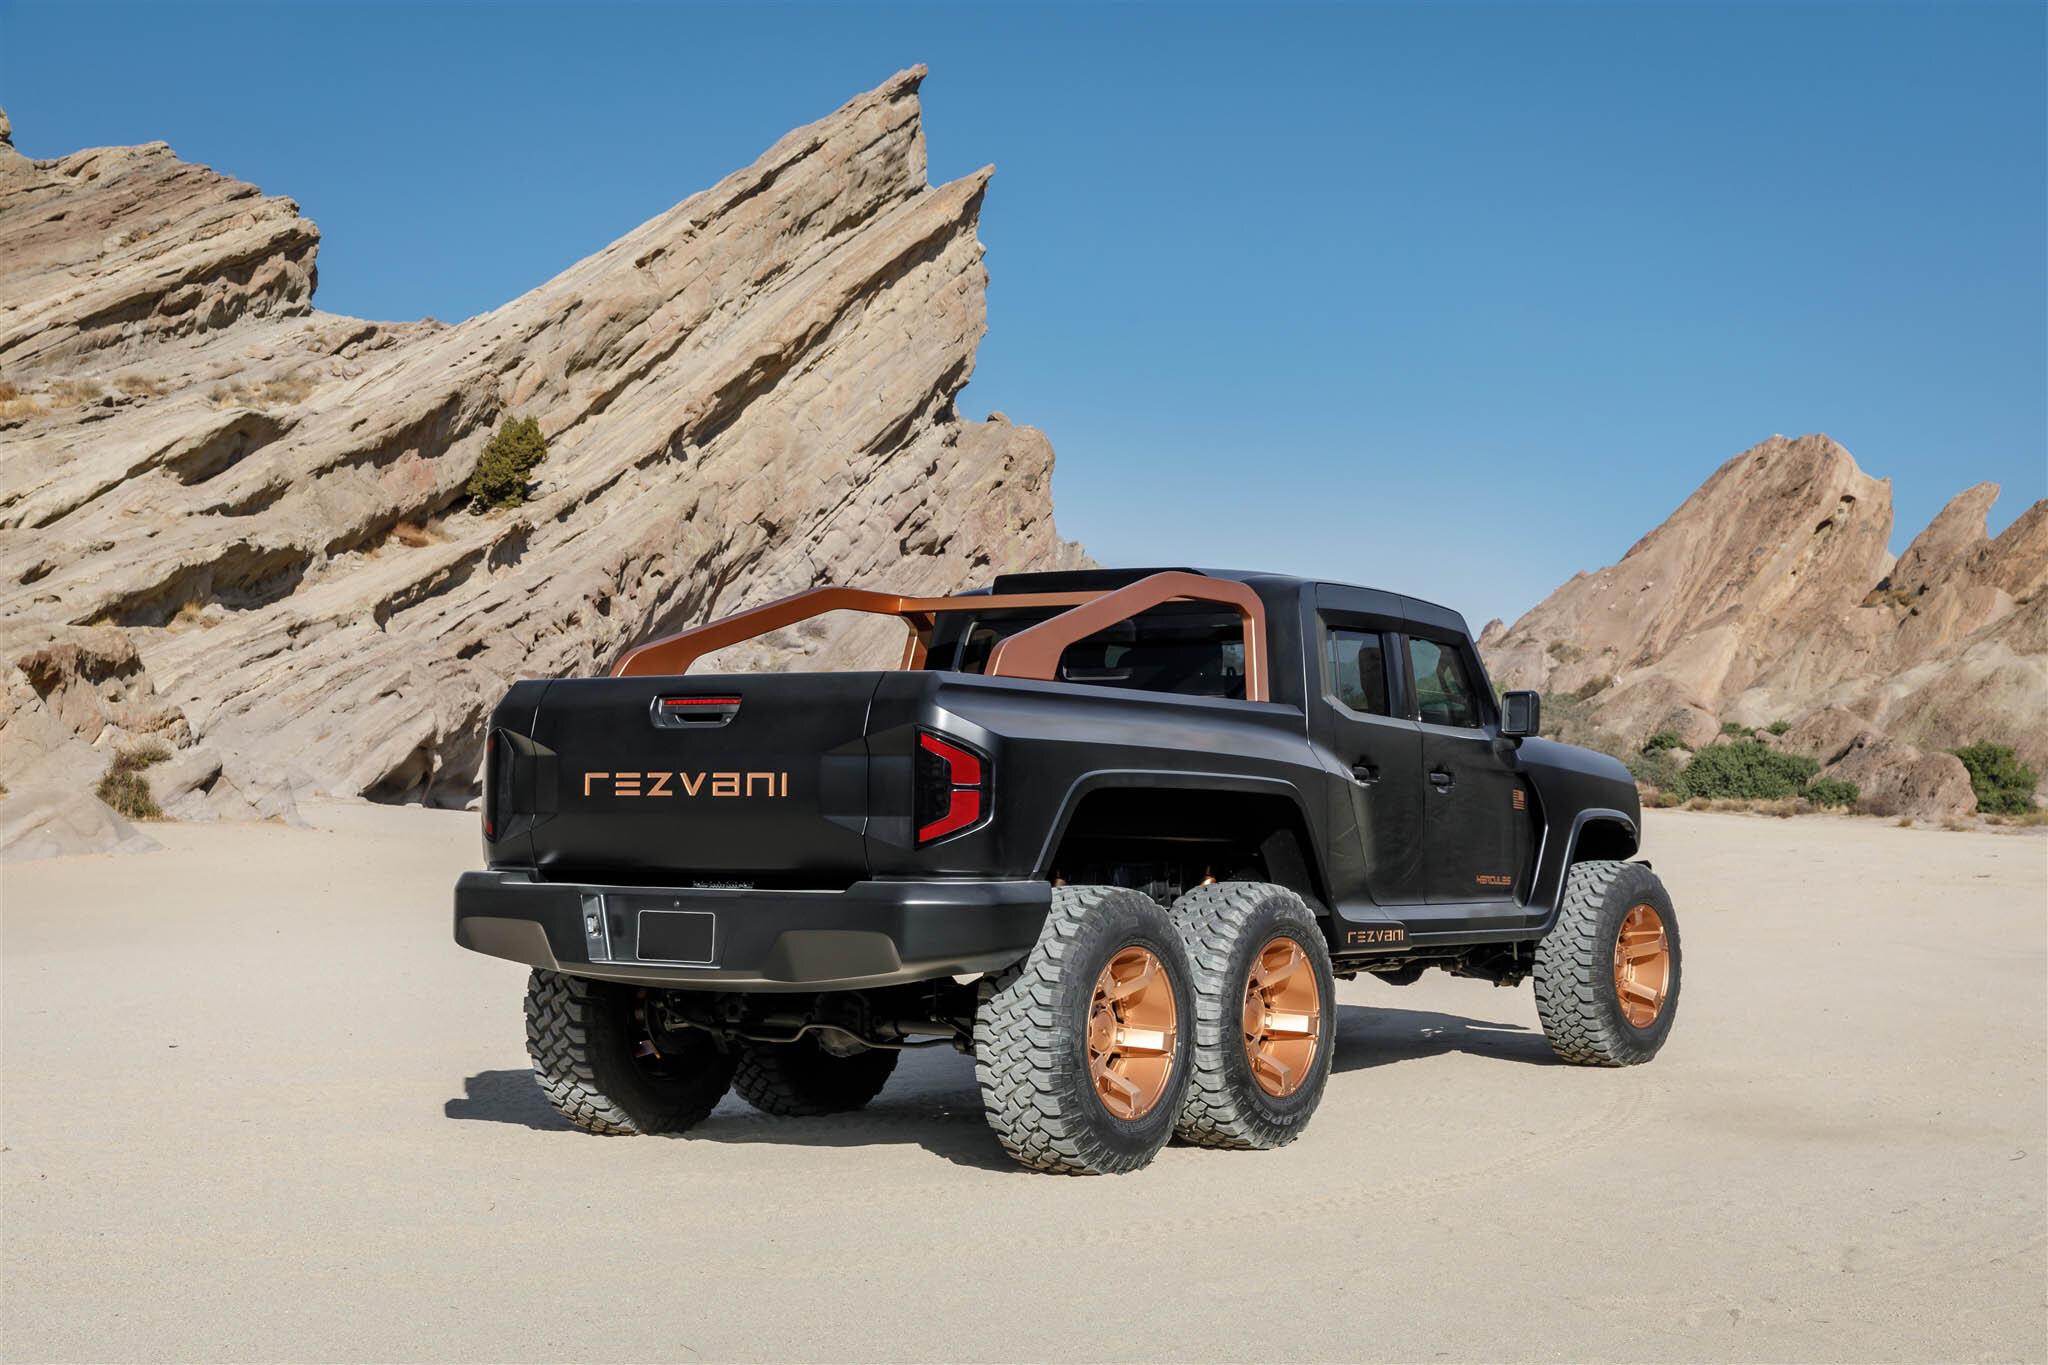 Conheça o Rezvani Hercules 6x6, um monstro de mais de 1.300 cv